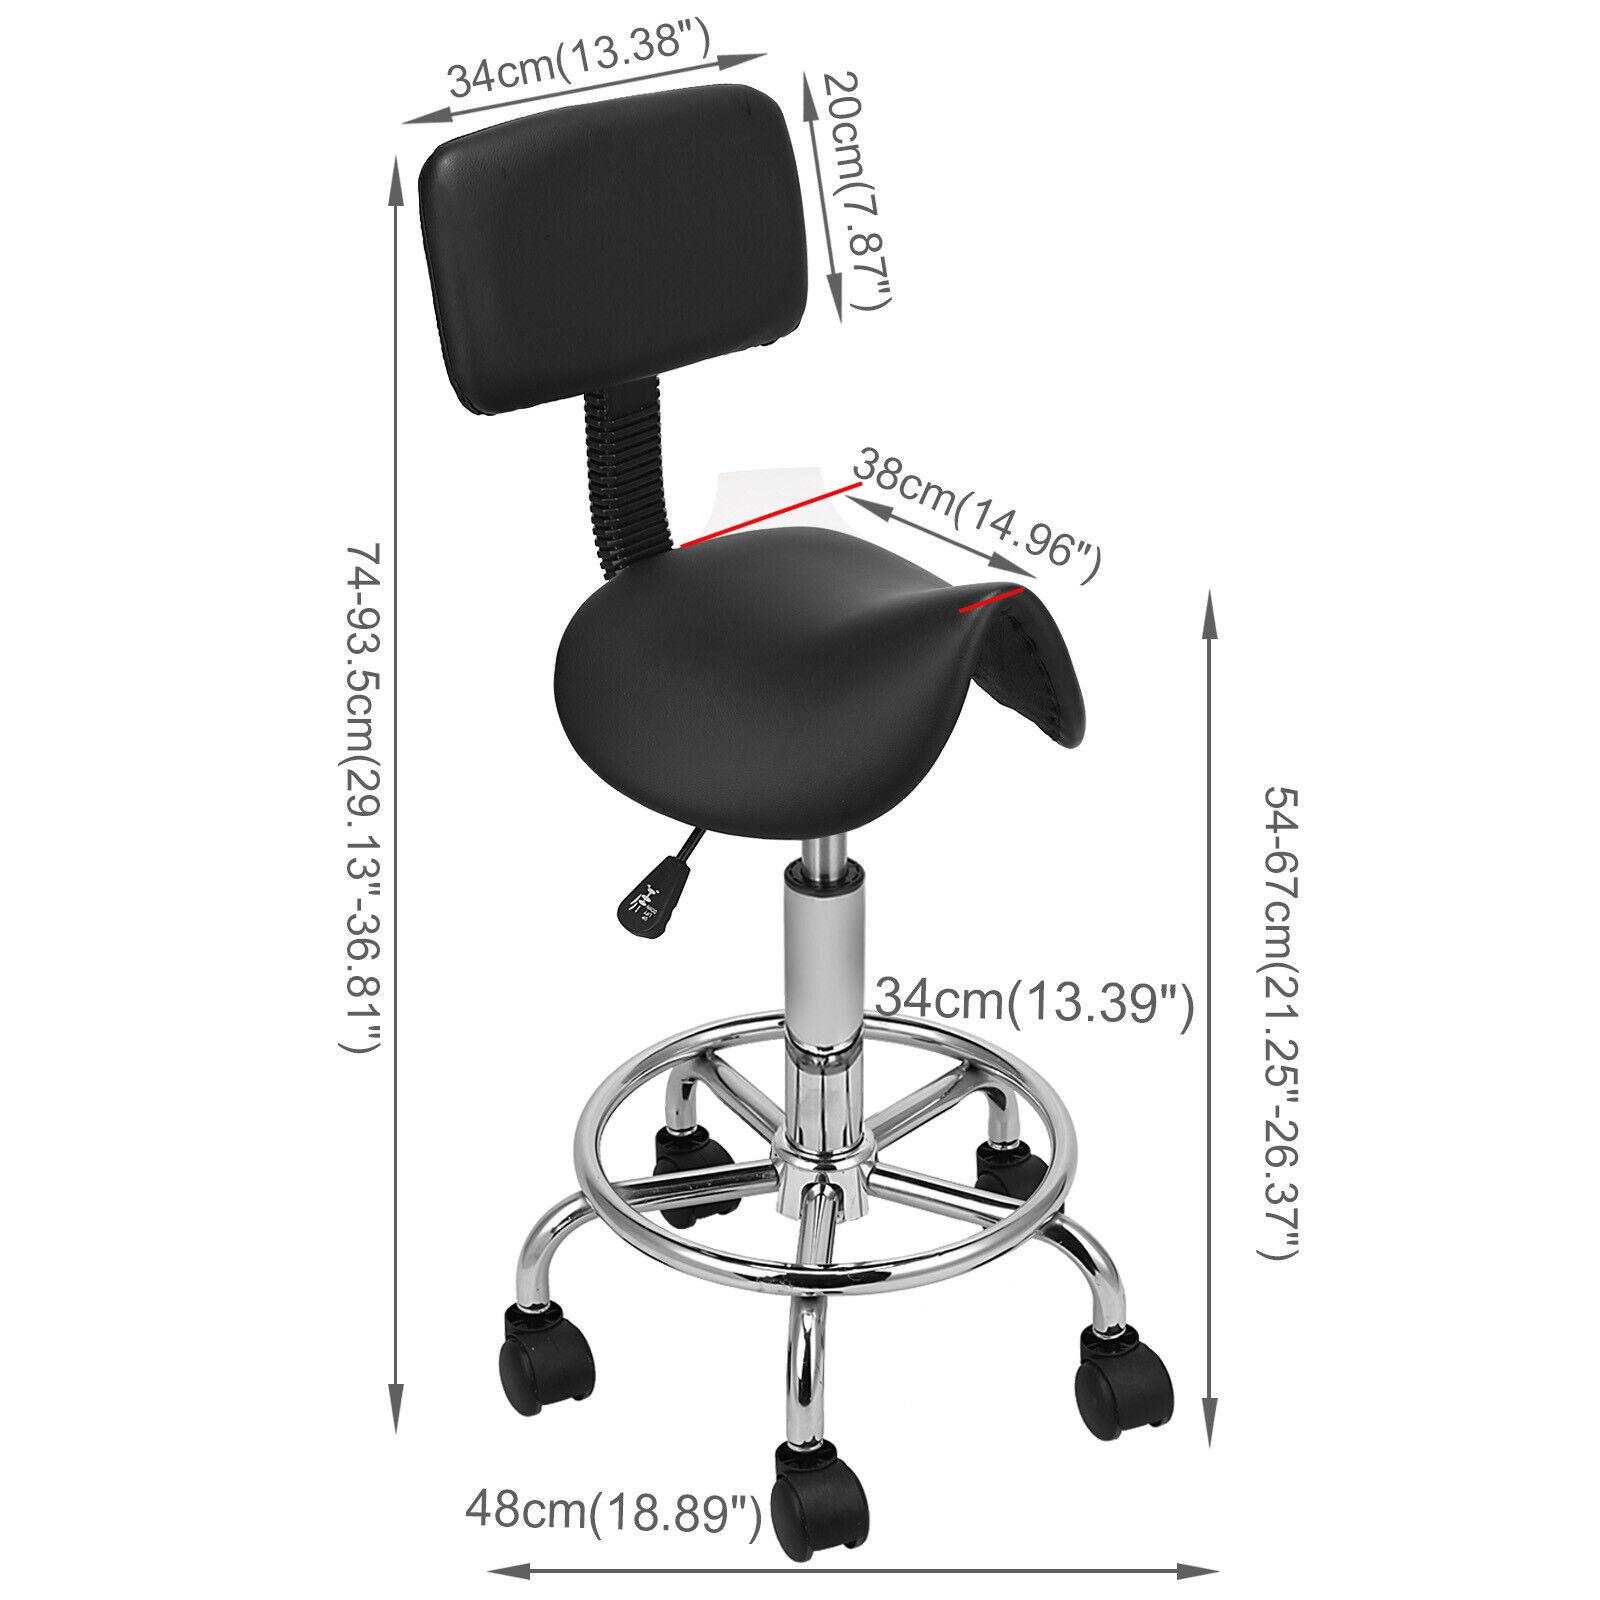 Rollhocker Arbeitshocker Drehstuhl Praxishocker Kosmetikhocker Arbeitsstuhl schwarze,sattel mit Rückenlehne